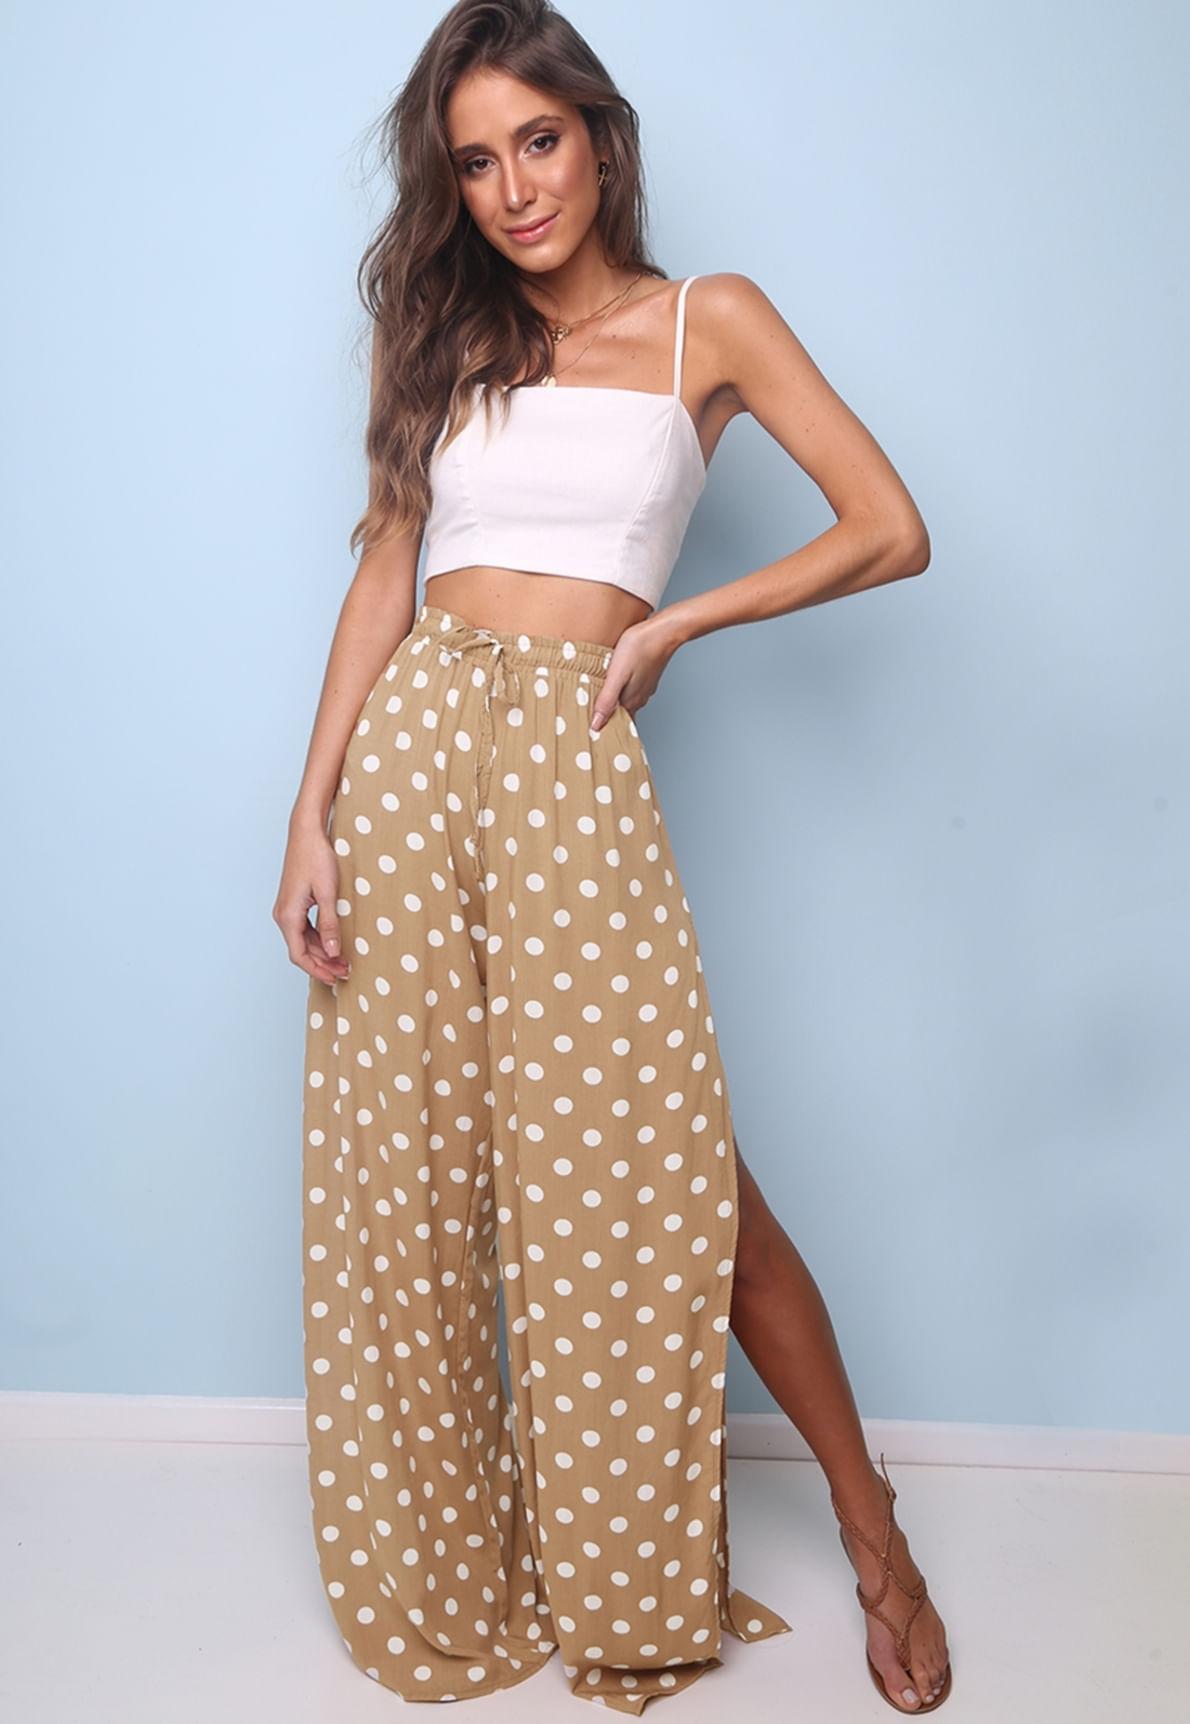 27706-calca-pantalona-poa-camel-harley-mundo-lolita-01